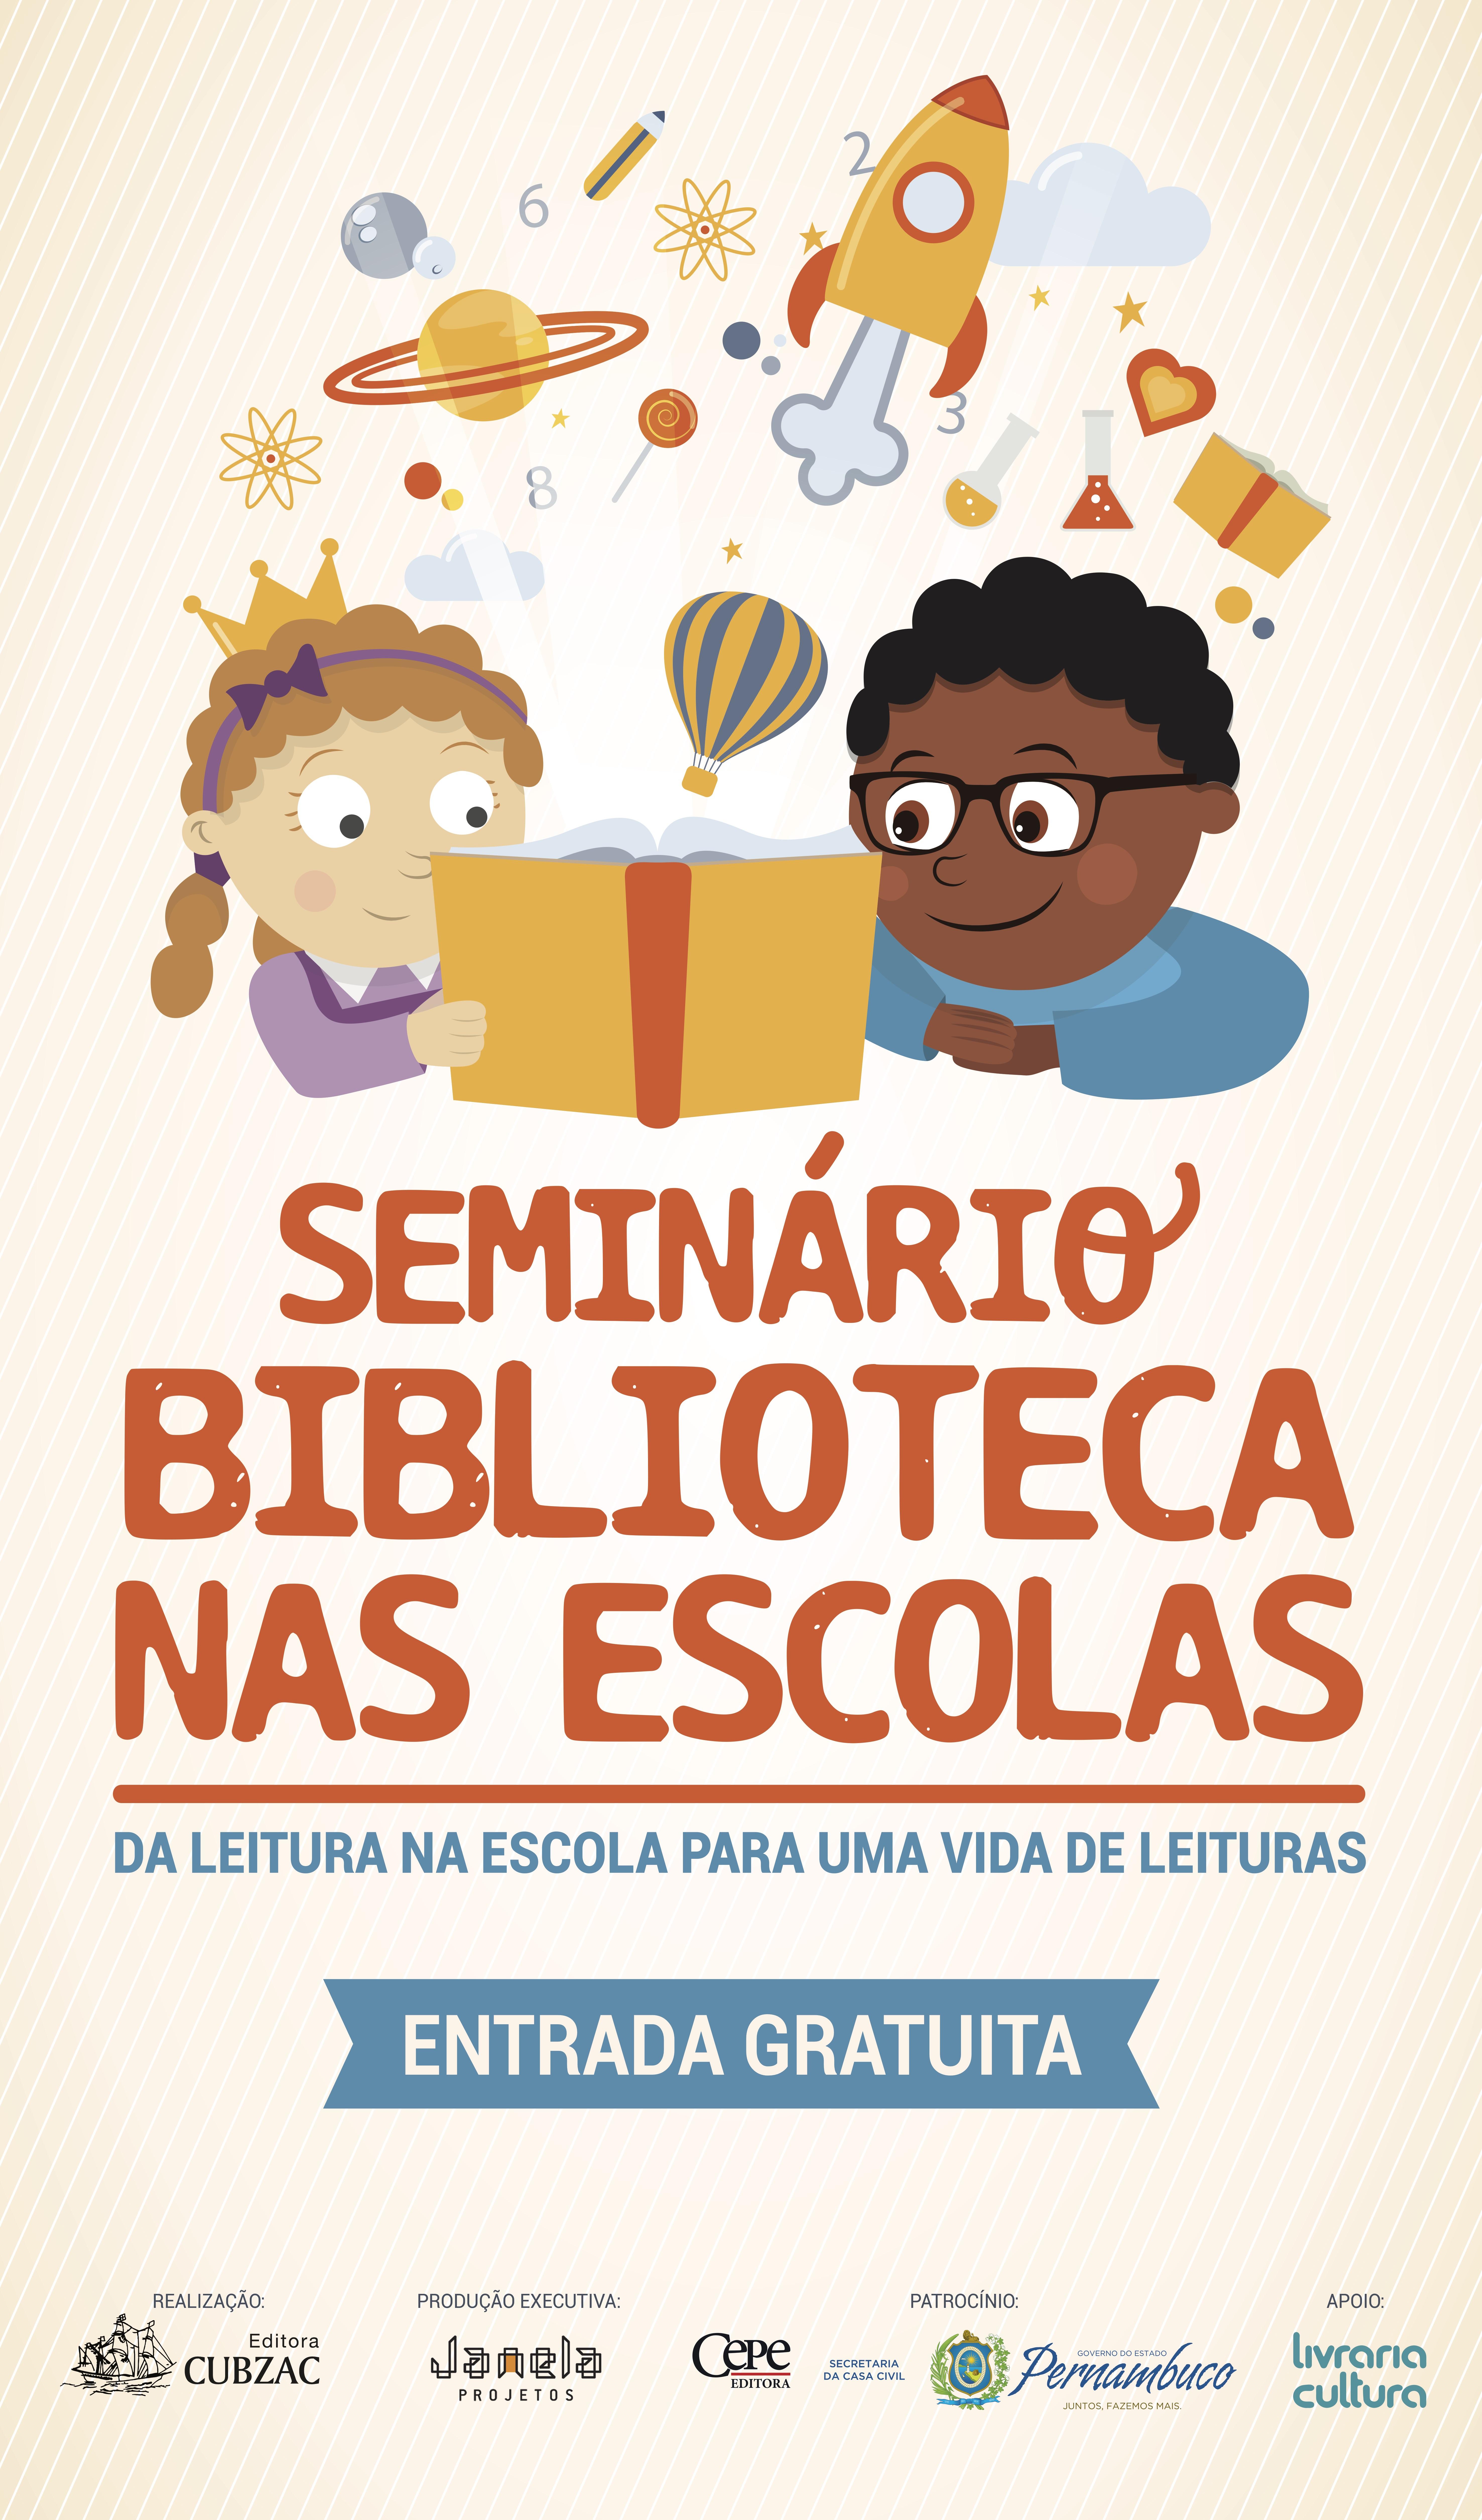 Divulgação_-_Banner_-_Biblioteca_nas_escolas